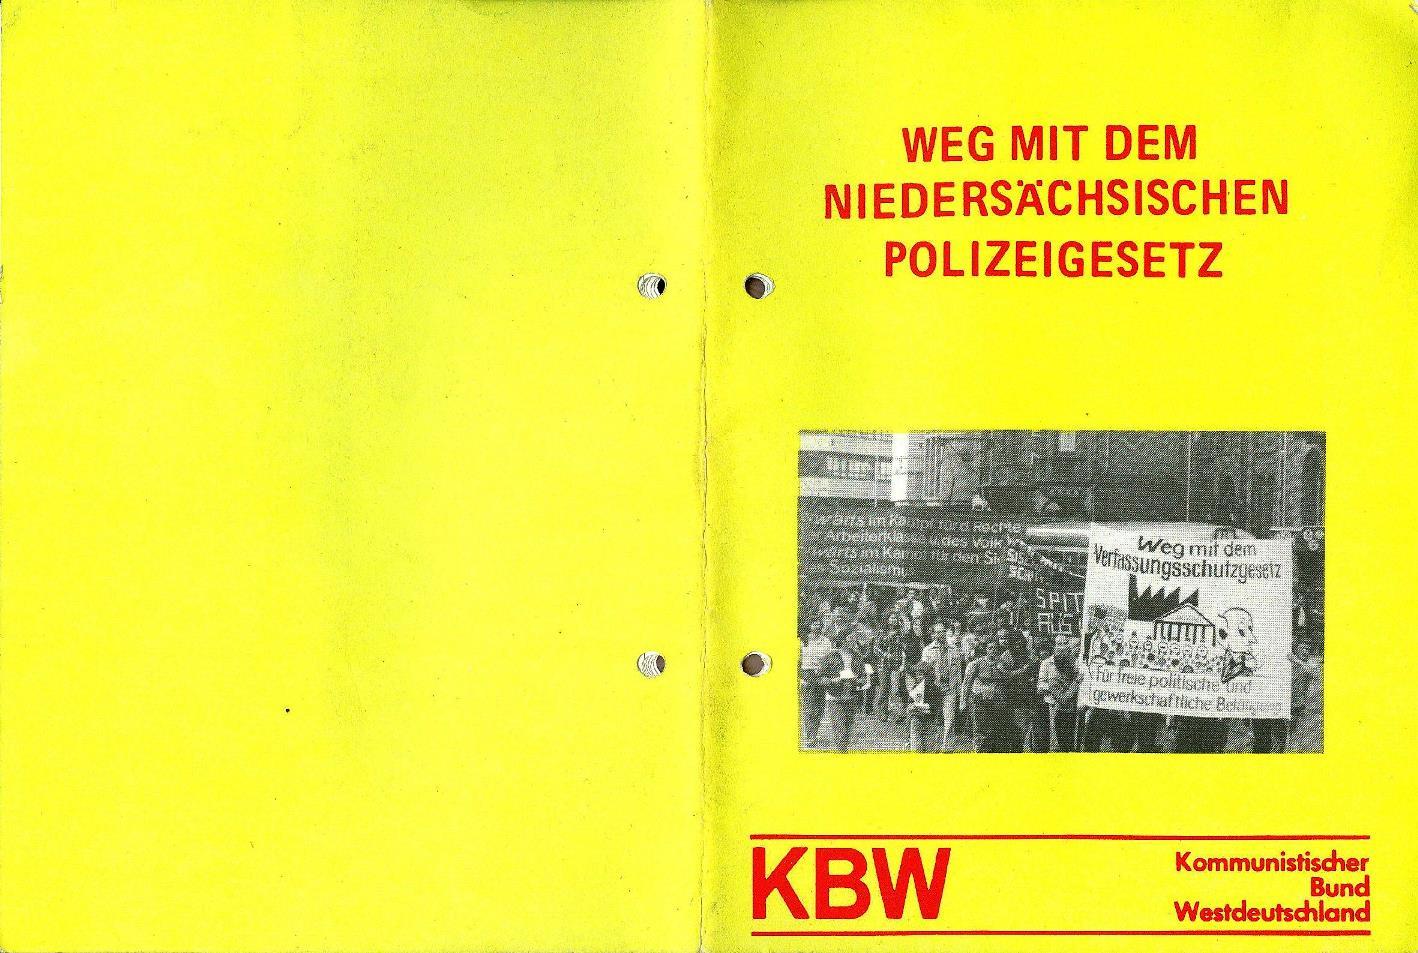 Niedersachsen_Polizeigesetz001